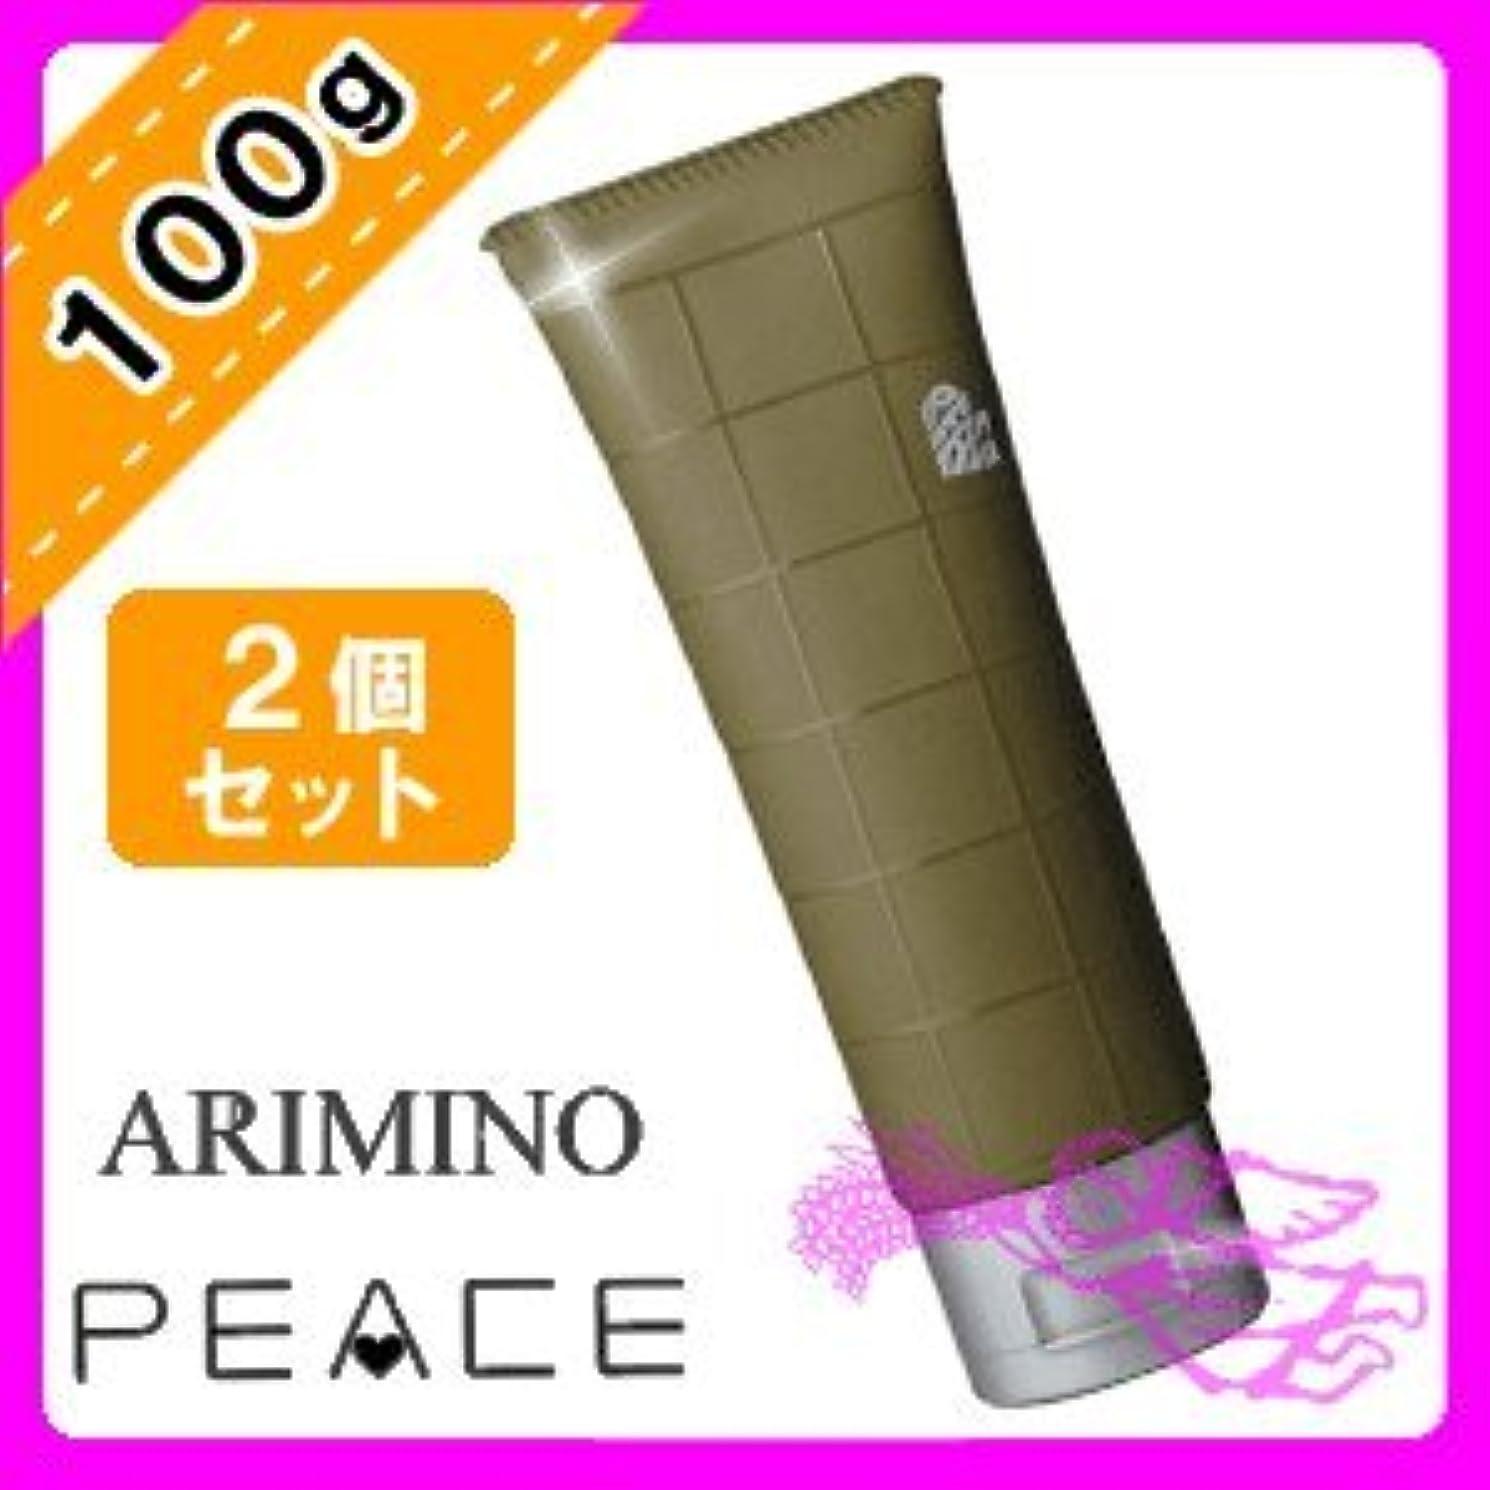 リスキーな合金ノーブルアリミノ ピース ウェットオイル ワックス 100g ×2個セット arimino PEACE